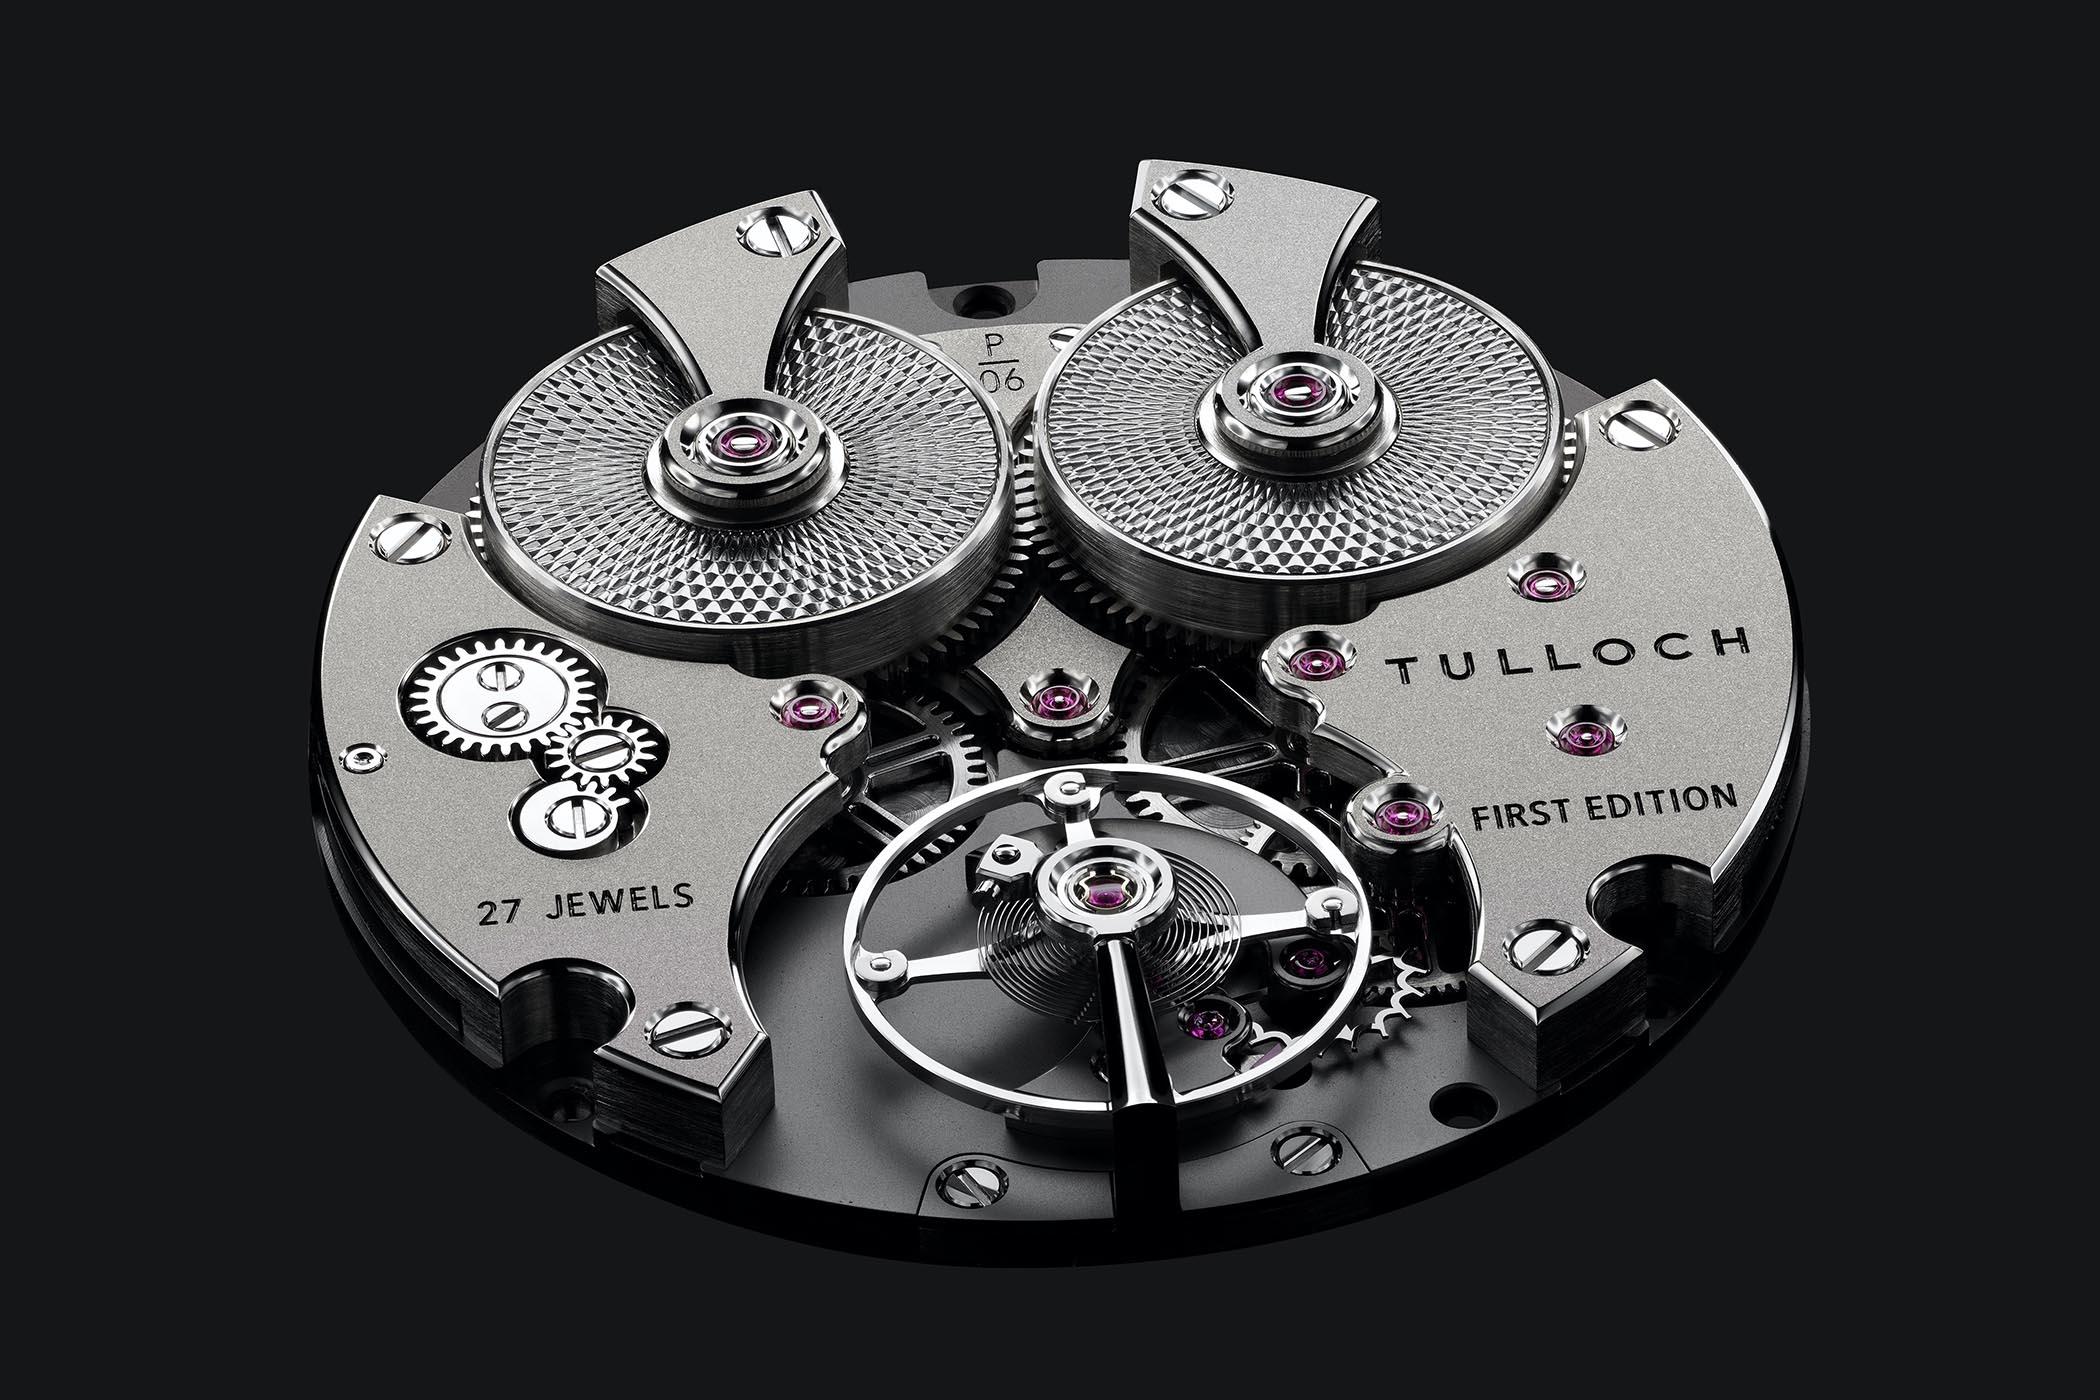 Tulloch T-01 First Edition Regulator